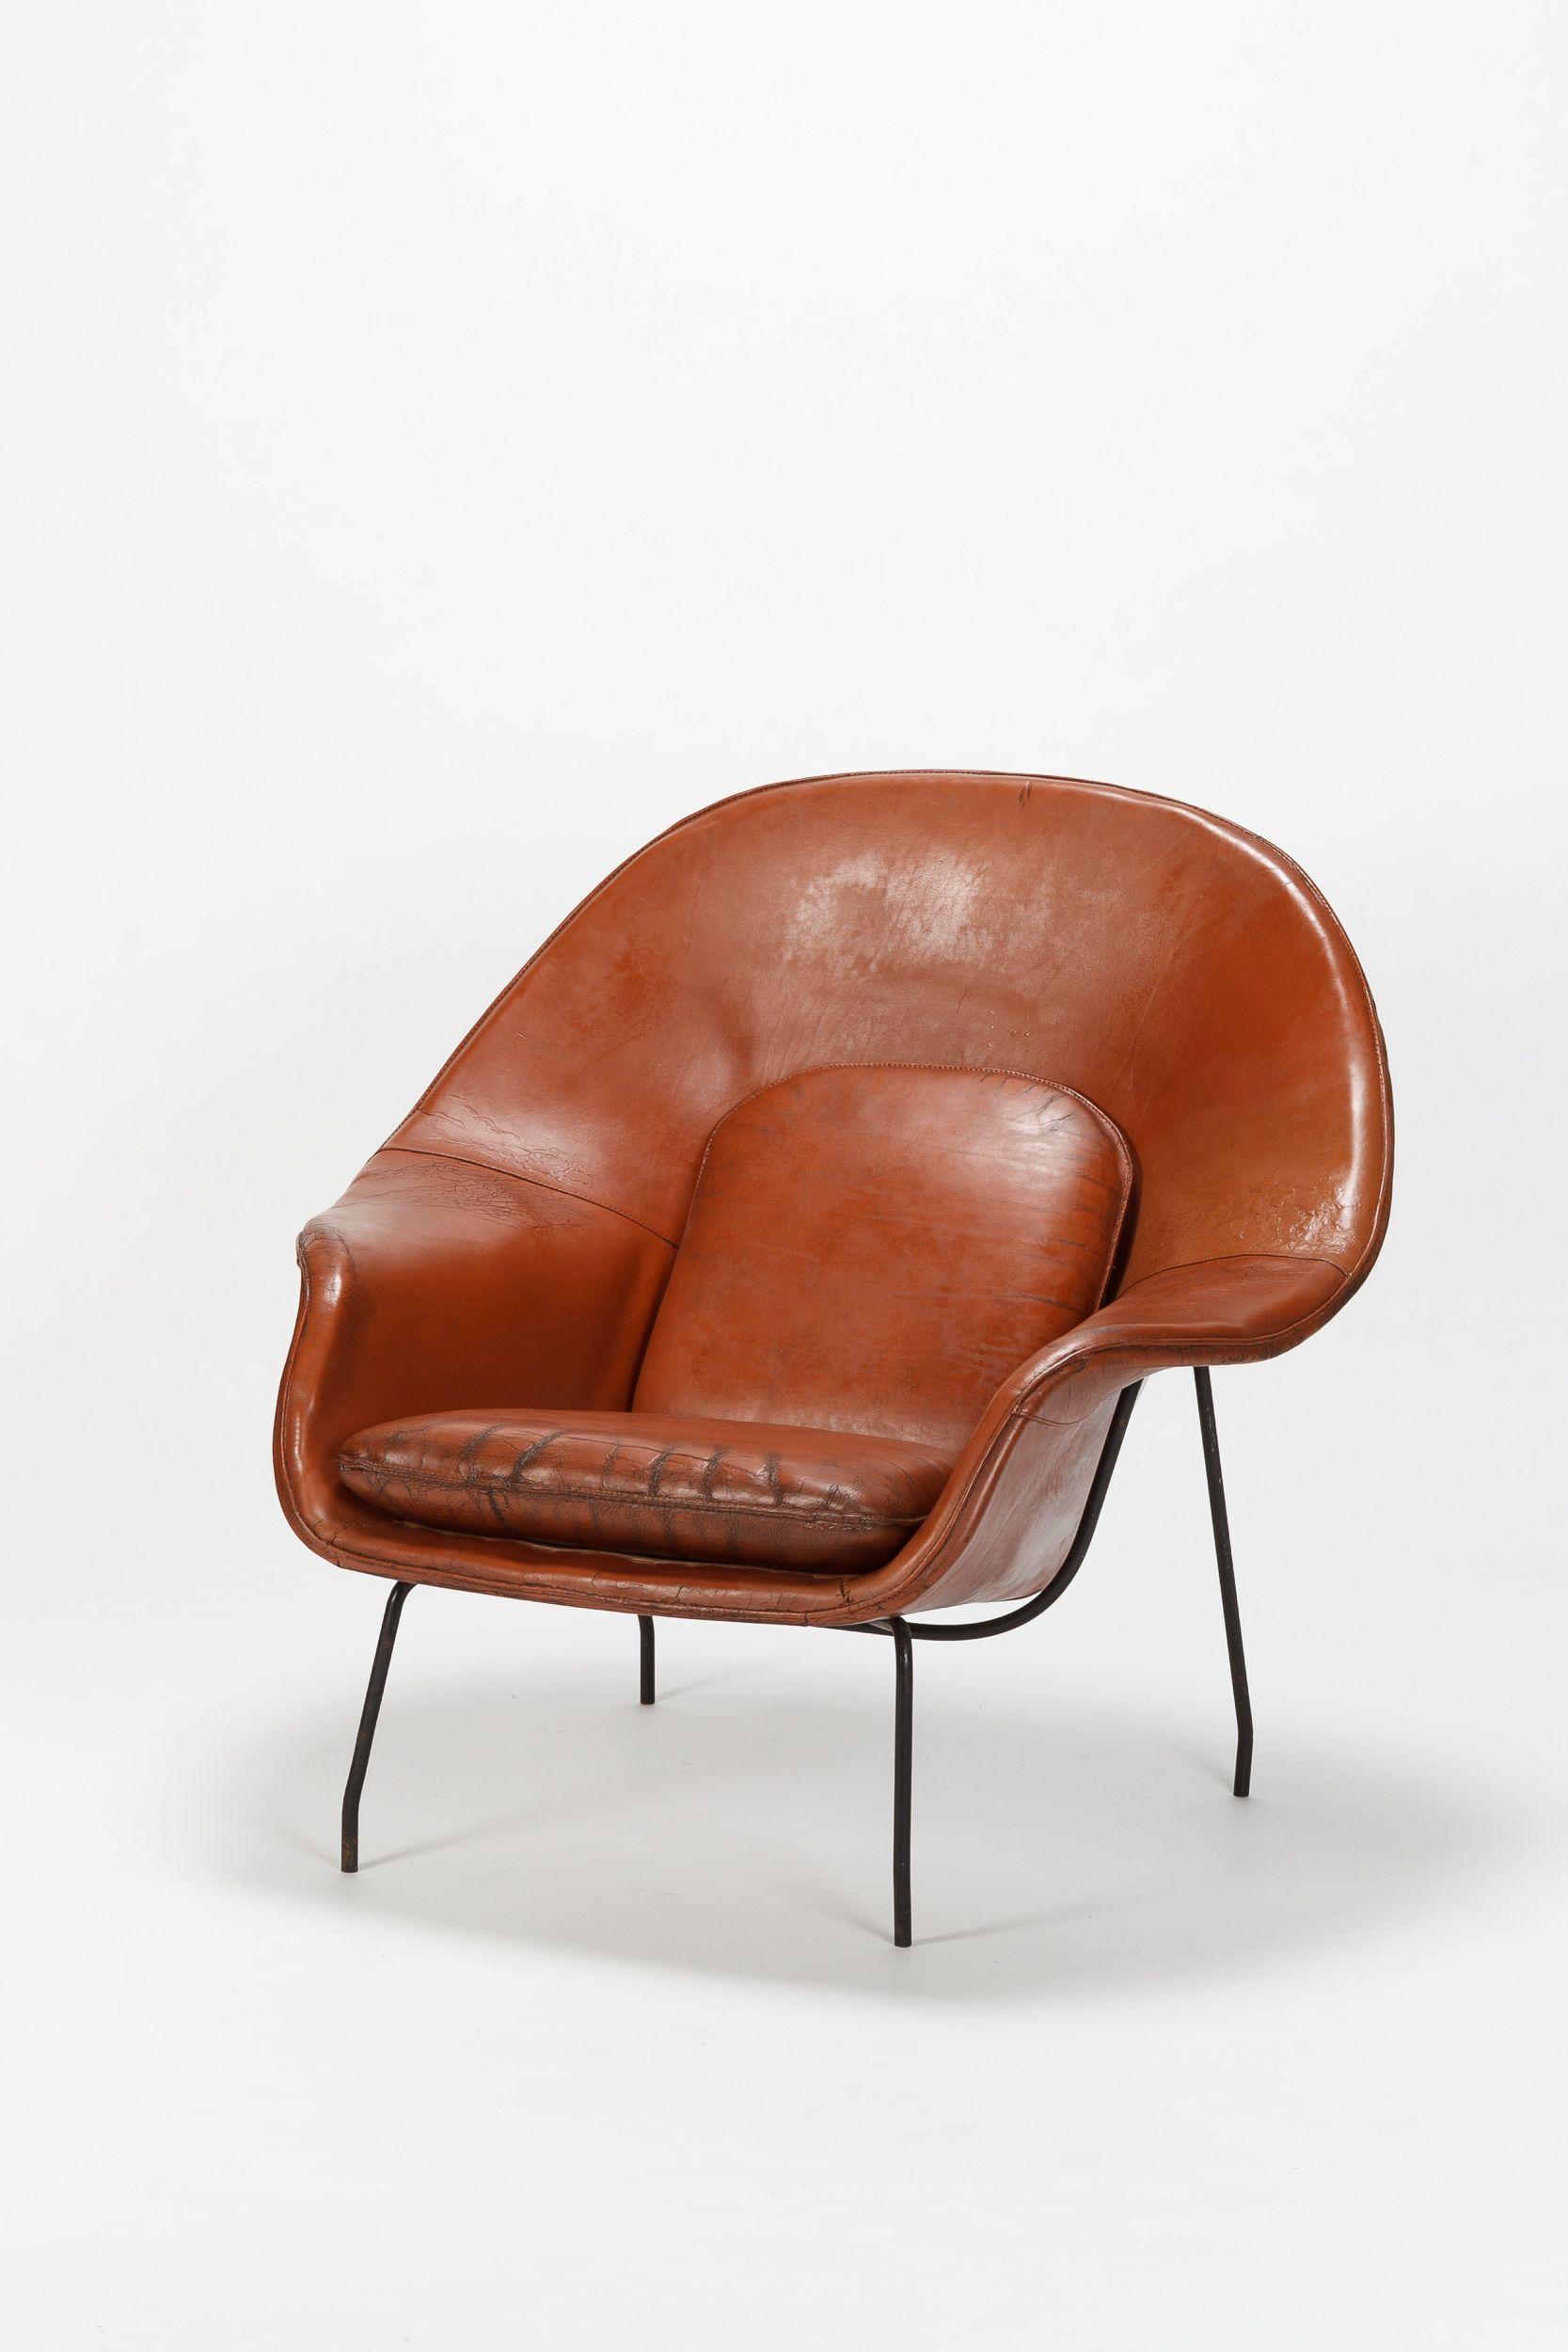 Eero Saarinen Womb Chair Florence Knoll 1948